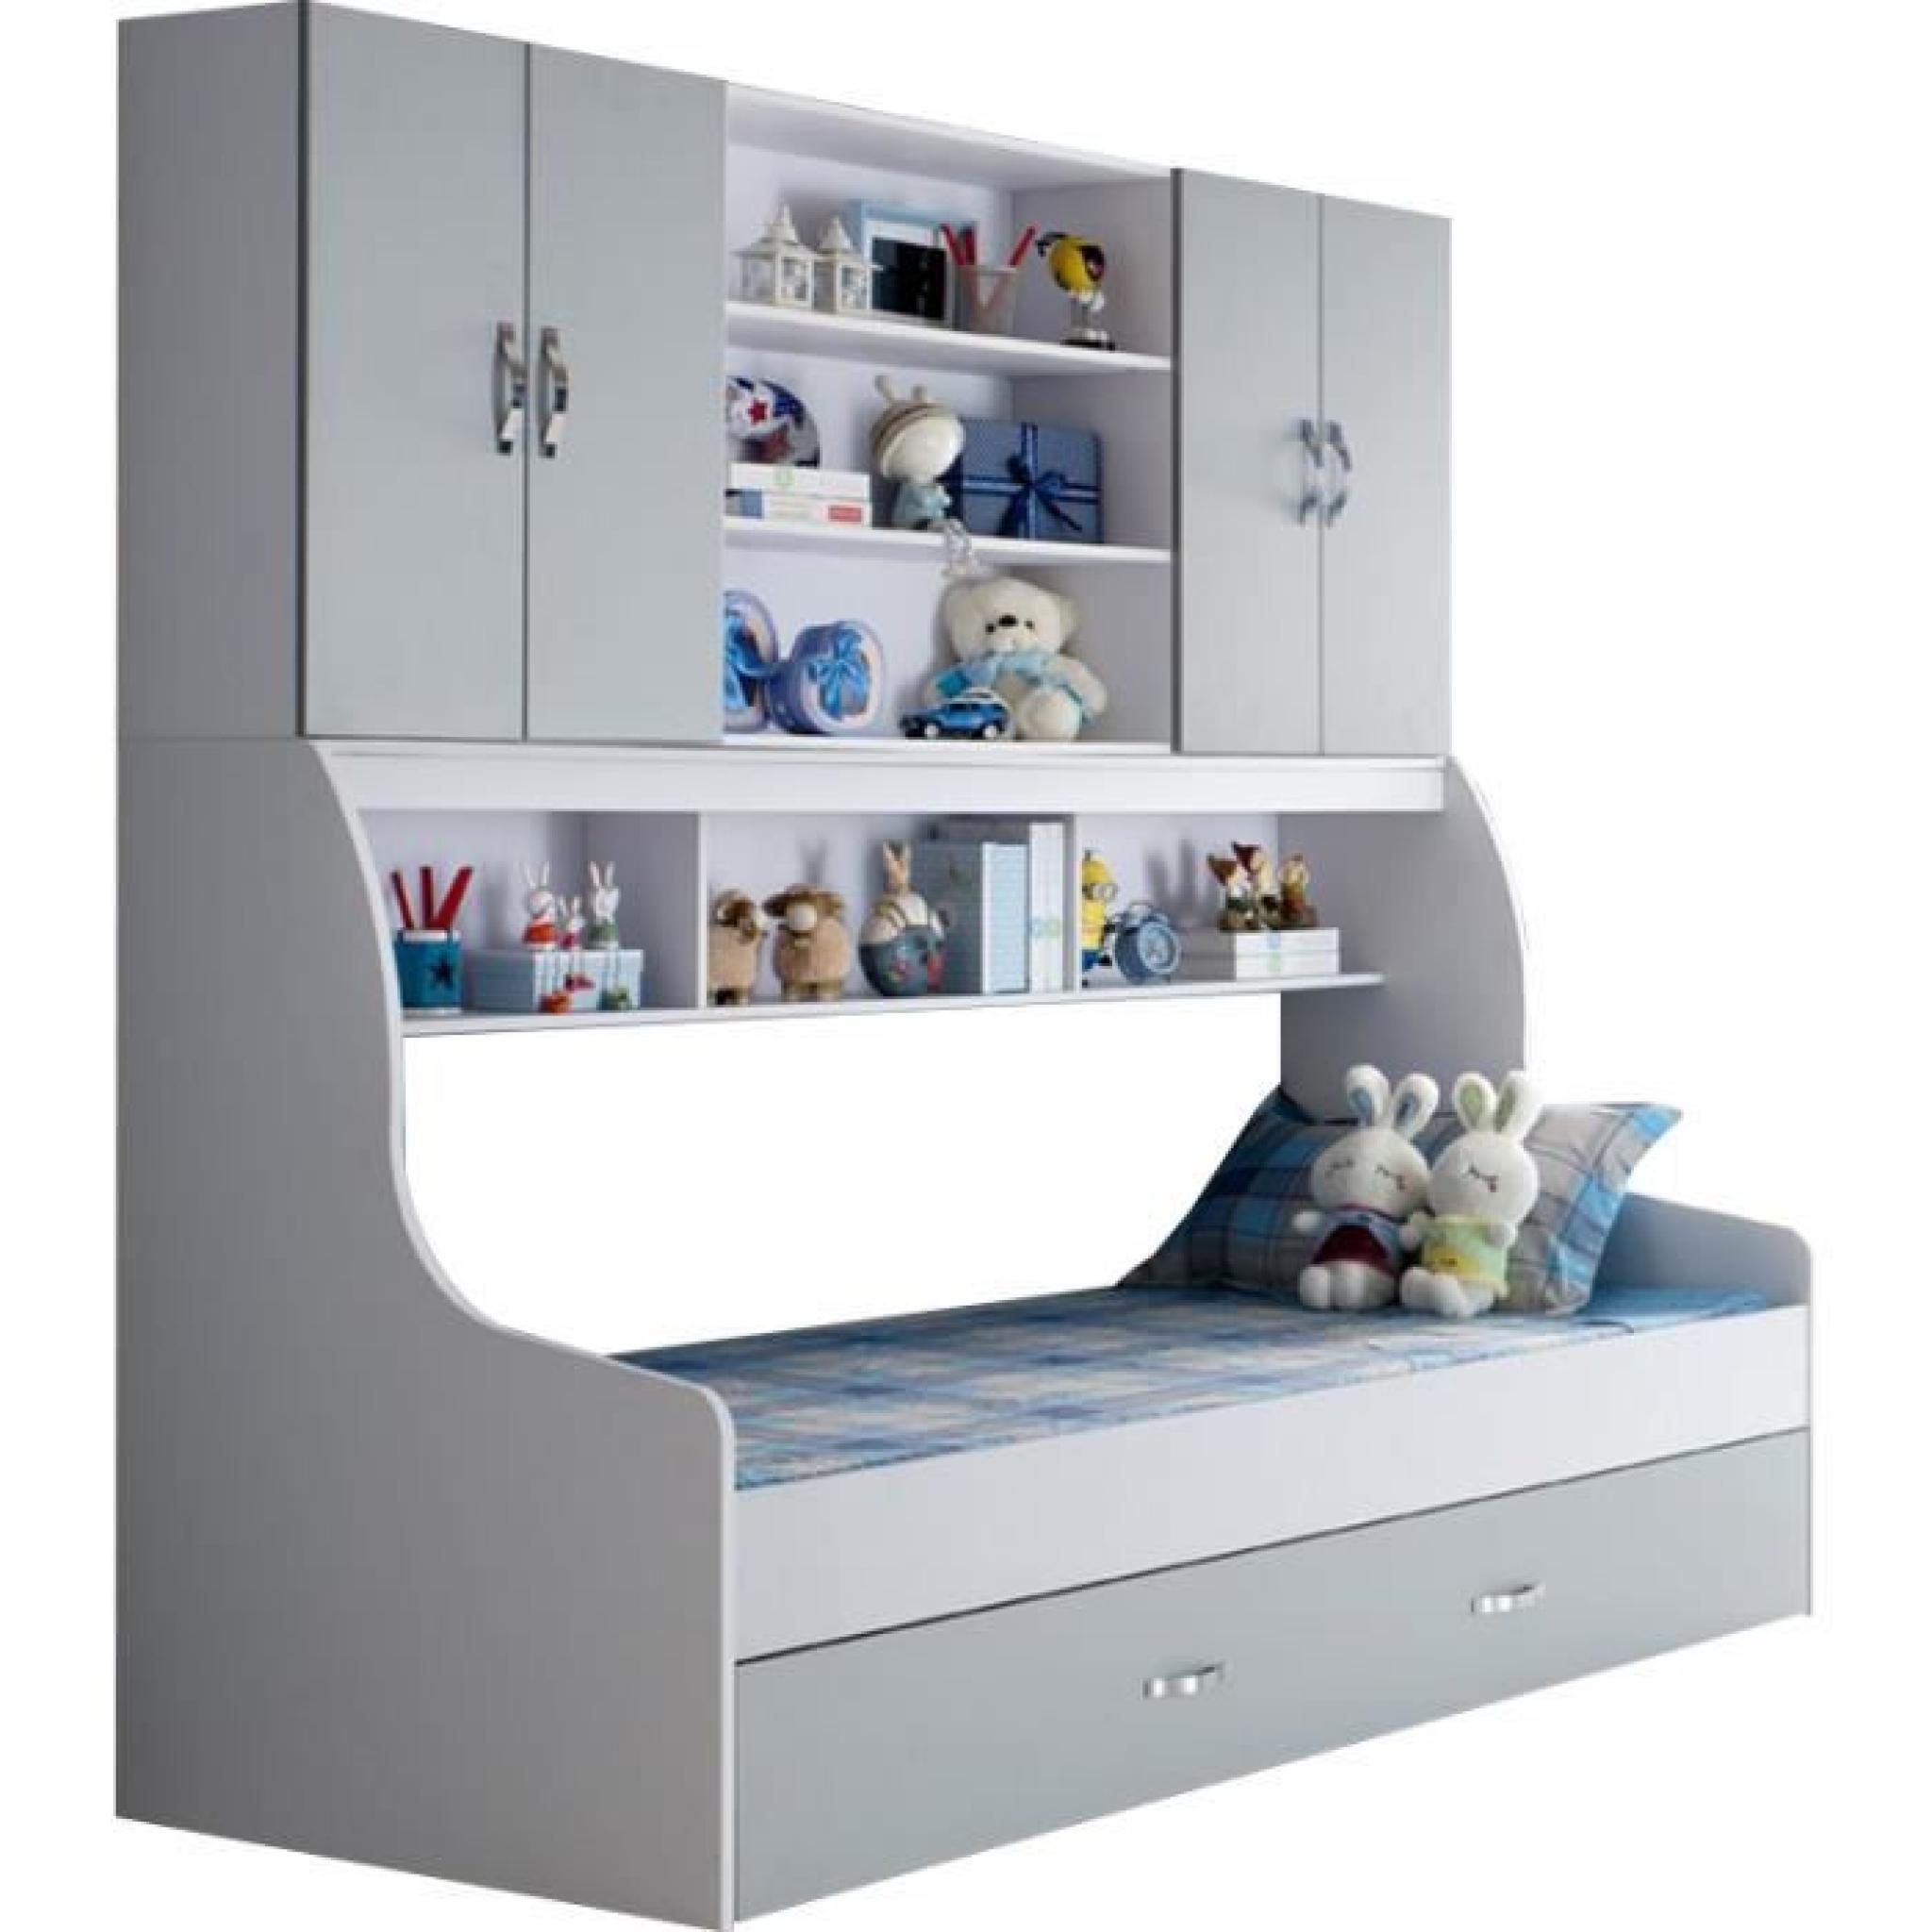 Lit pour enfant 90x200 gris avec tiroir et rangement mural - Achat/Vente lit enfant pas cher ...